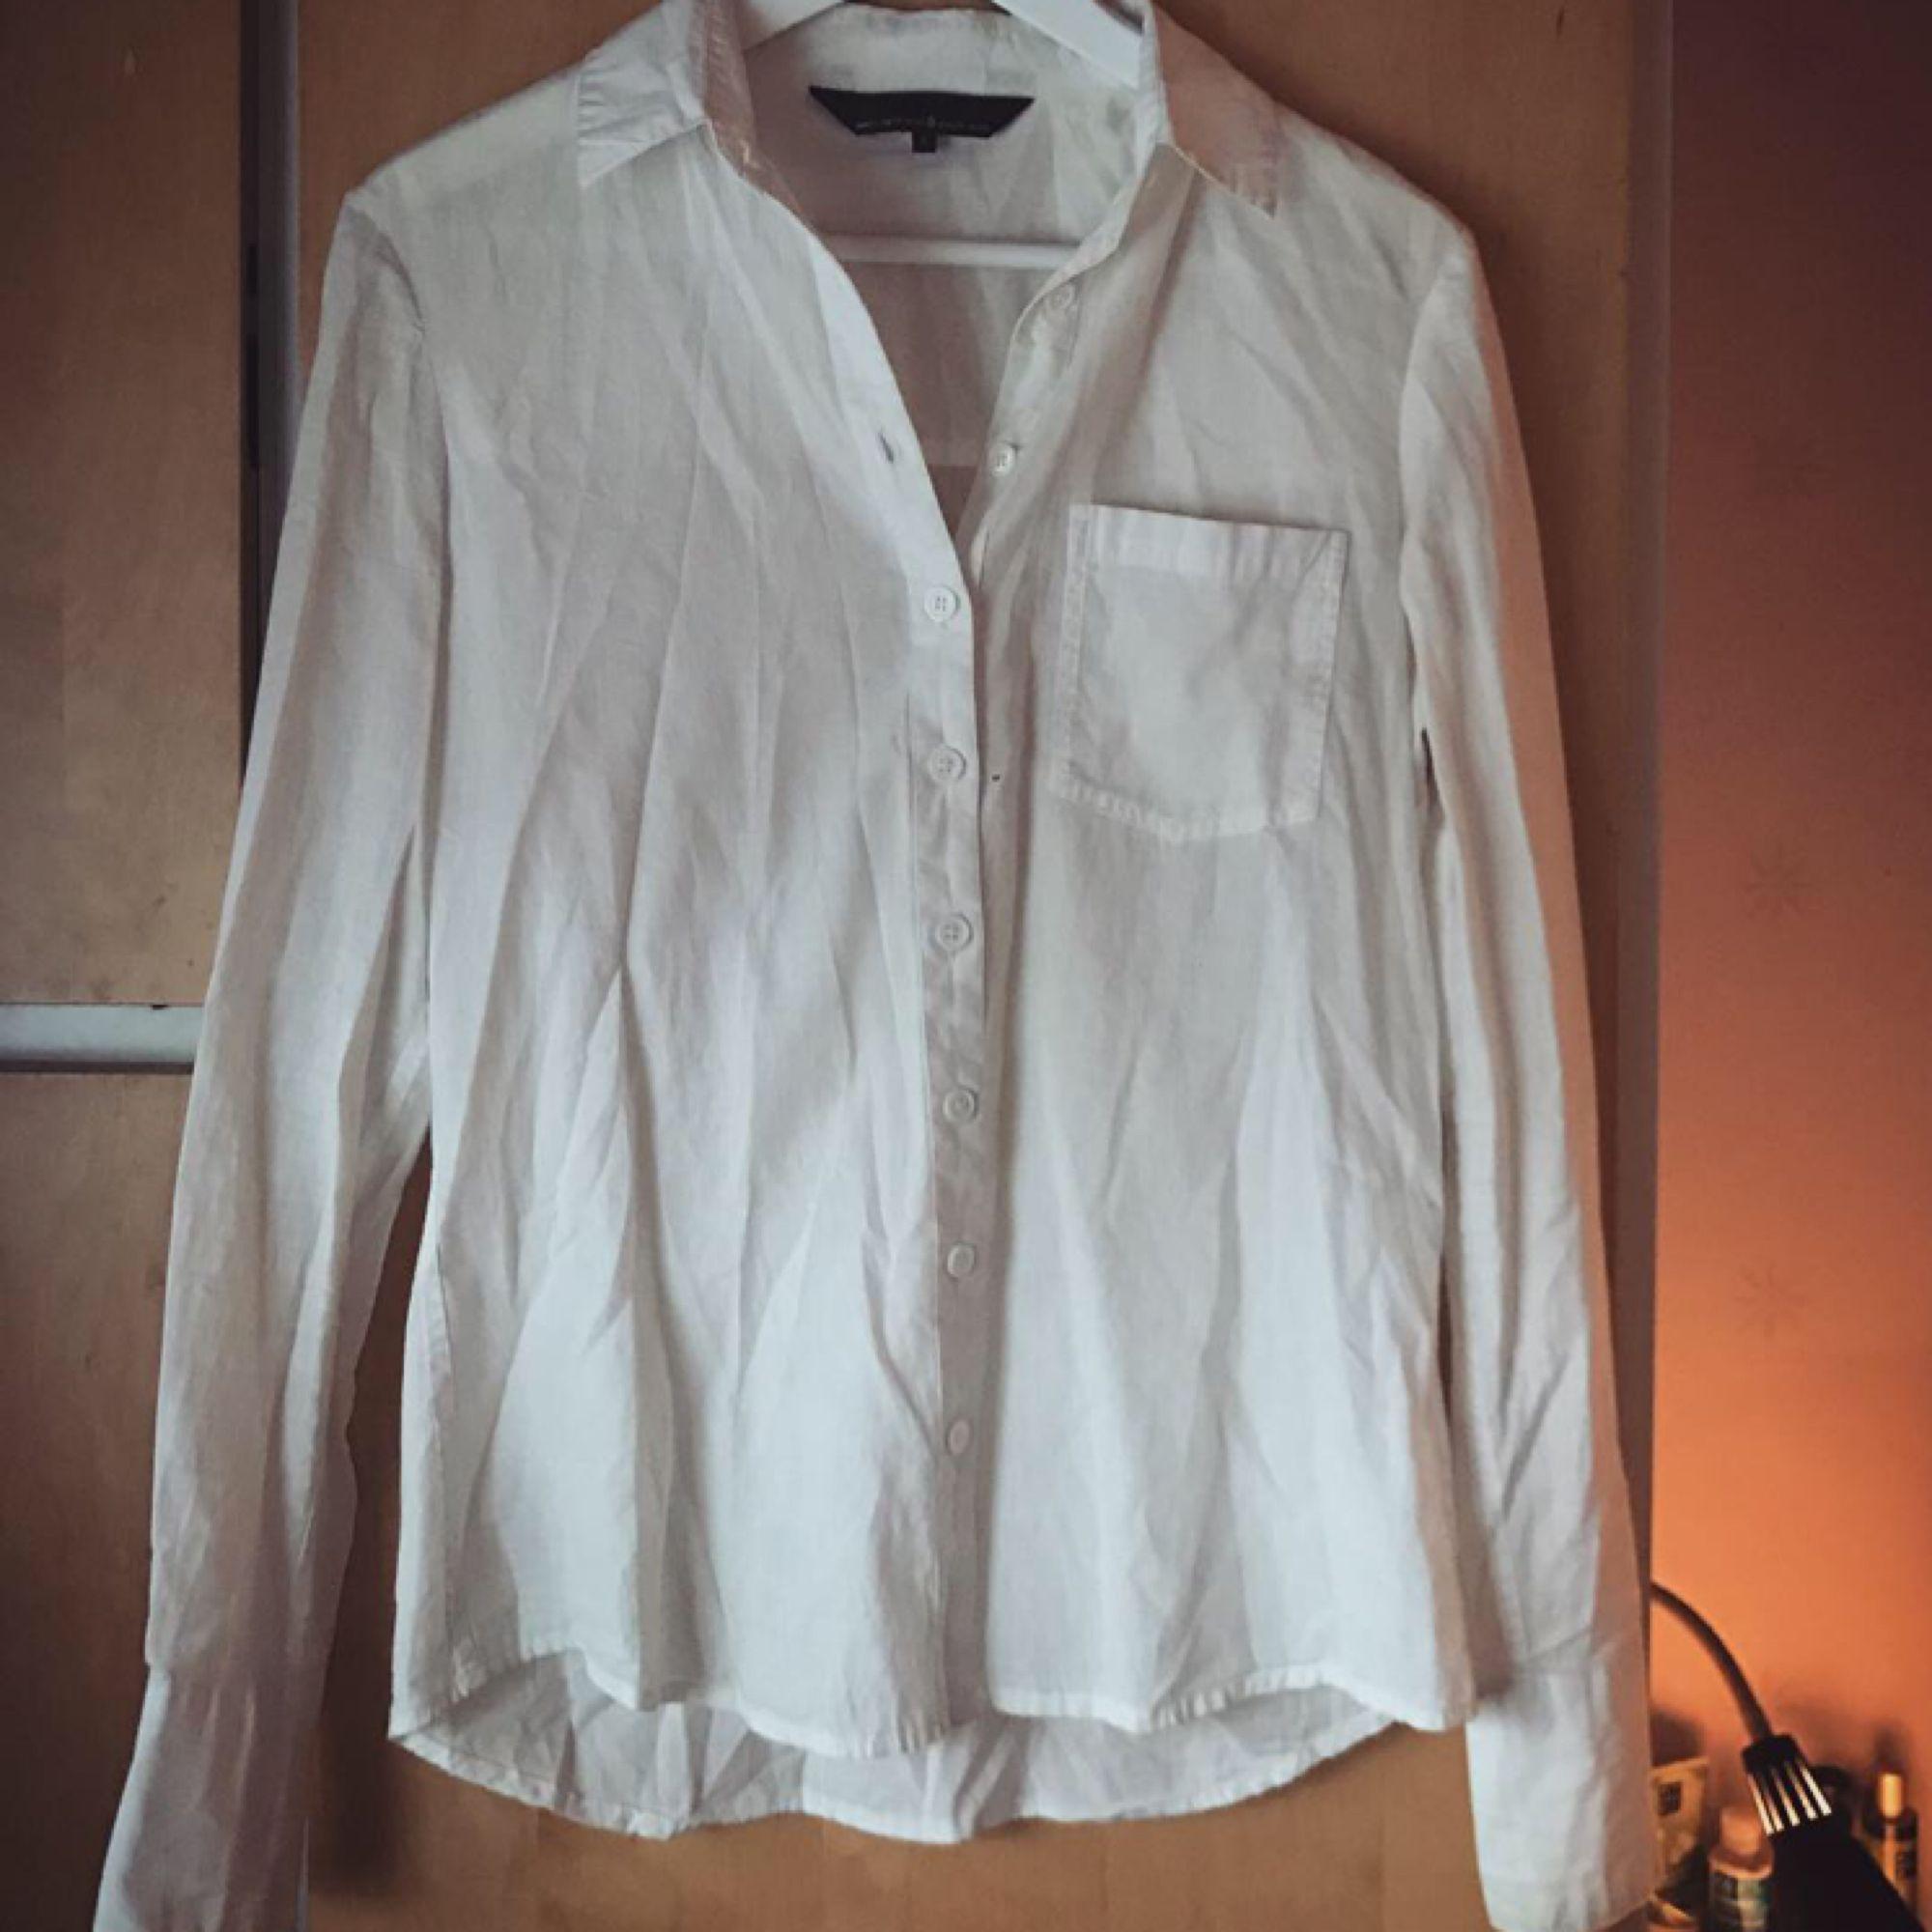 Säljer denna perfekta vita skjortan som verkligen passar till allt. Den är verkligen i så bra skick och i väldigt fint och skönt material, använd ytterst lite. Ifrån Mary Kate and Ashley Olsens kollektion för Bikbok 2013 (Limited edition).. Skjortor.